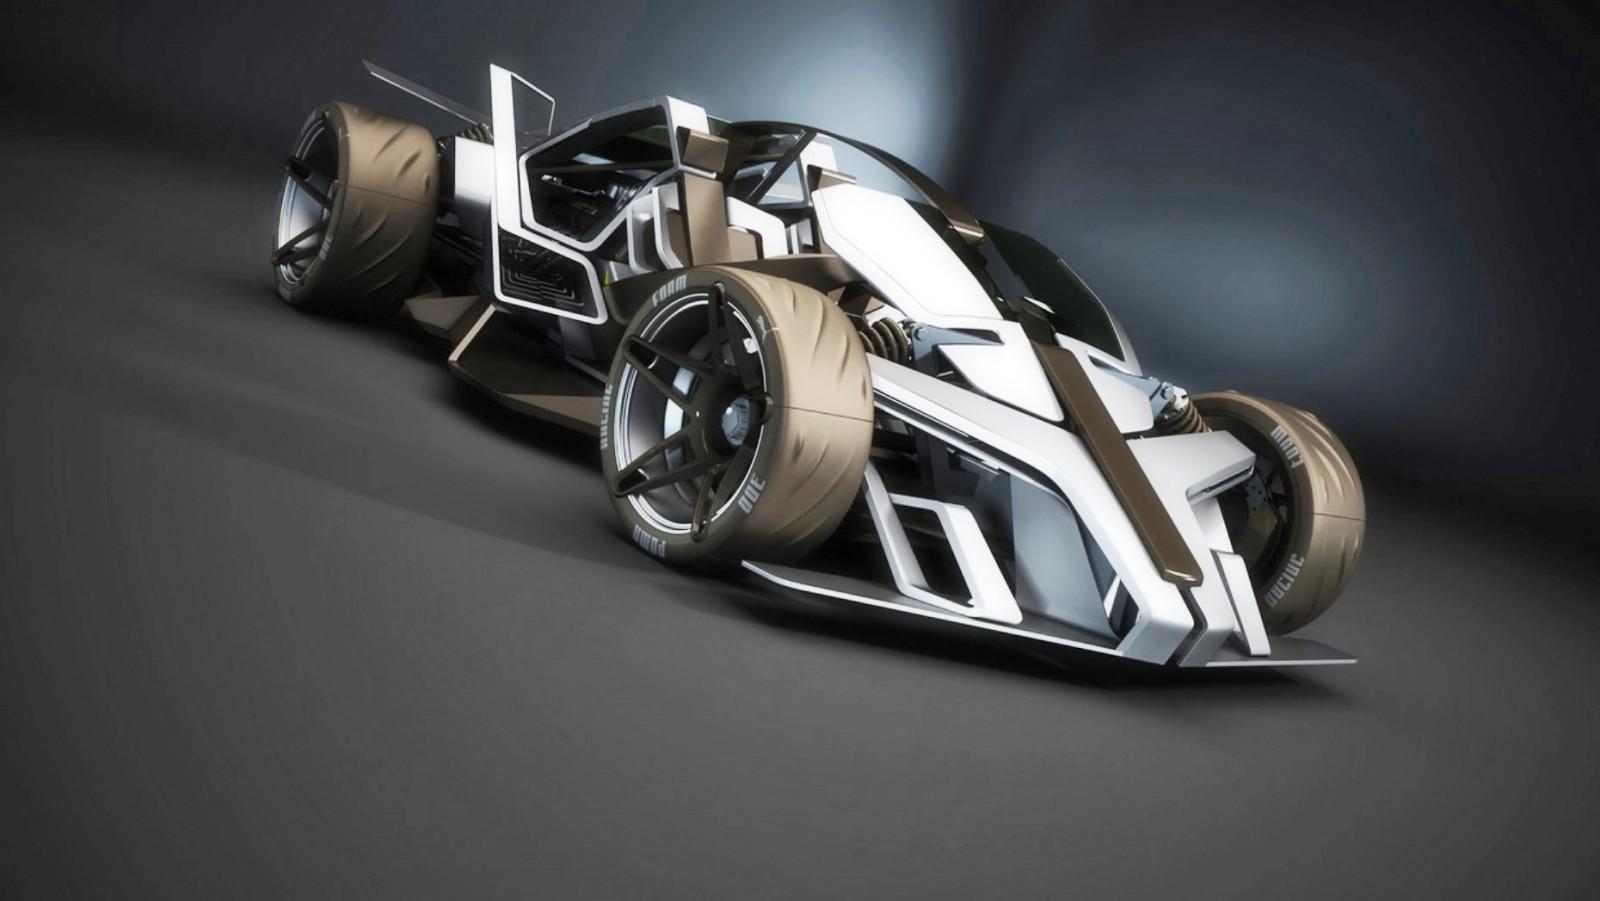 2020 Puma Boulevard Racer by Sabino Leerentveld 23